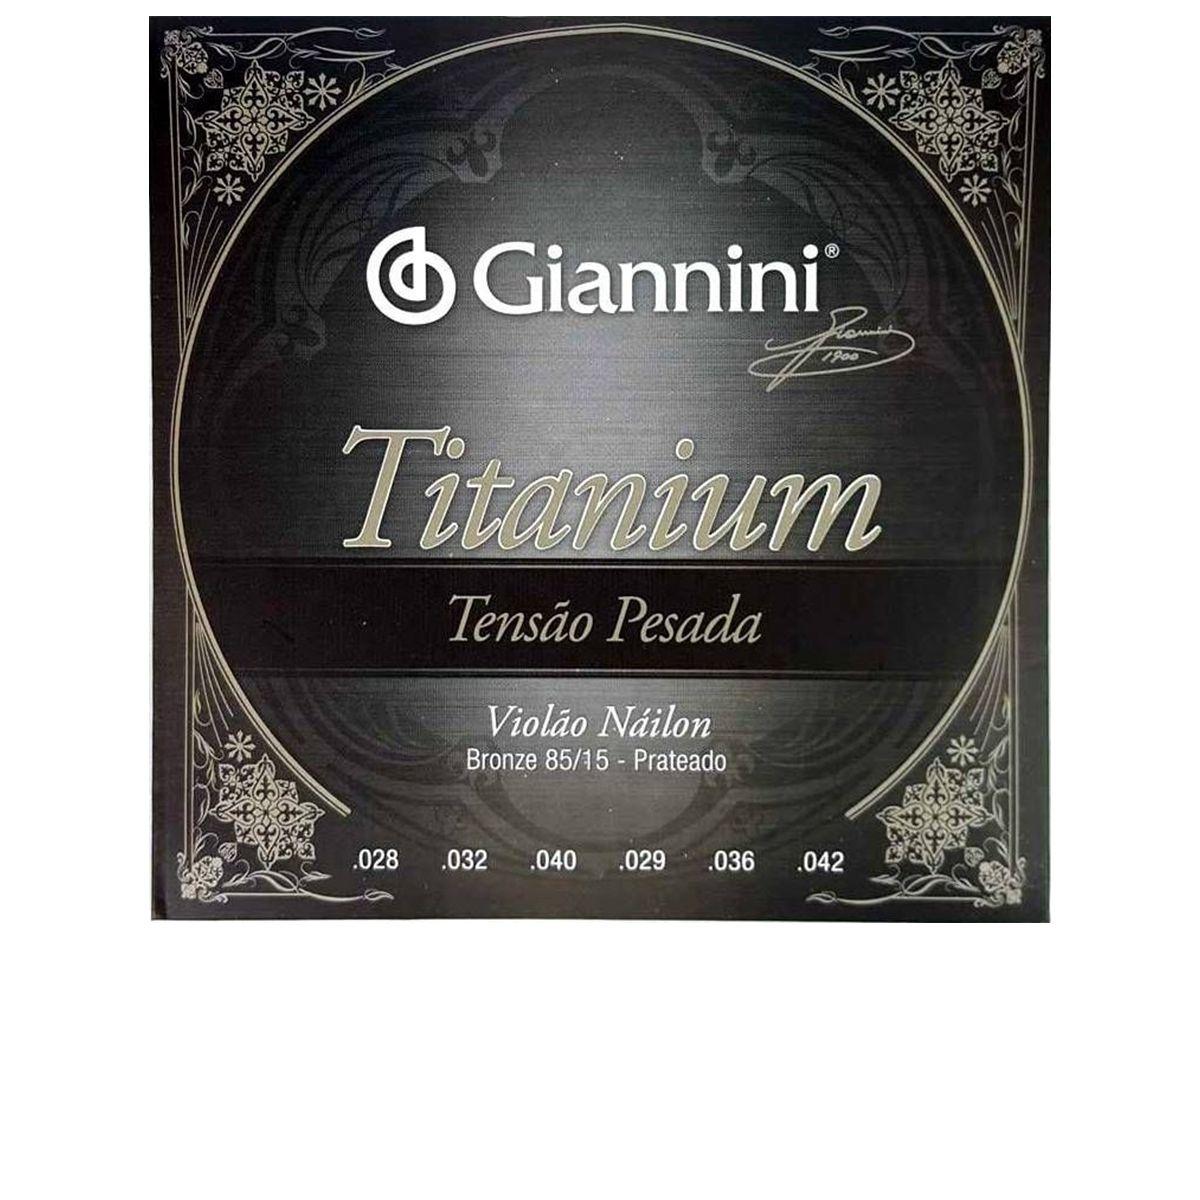 Encordoamento de Violão Nylon Giannini Titanium